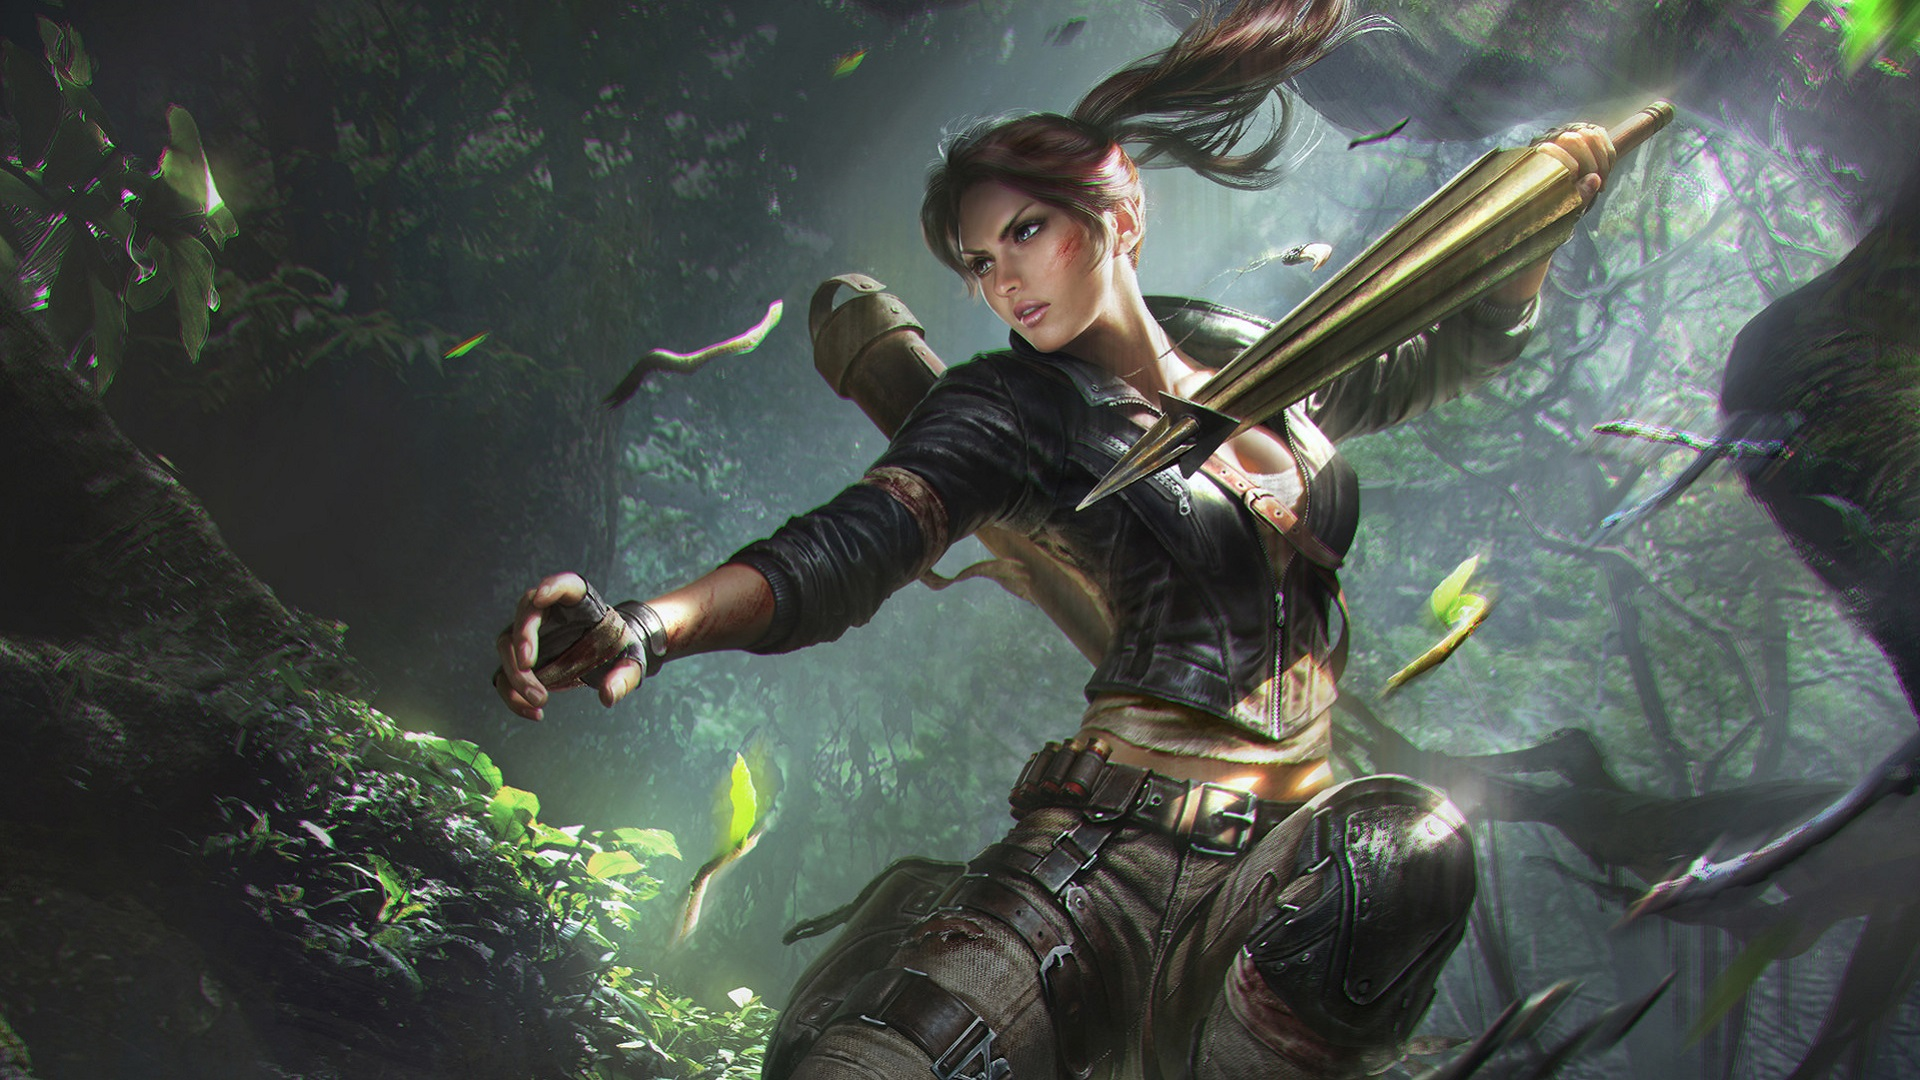 1366x768 Lara Croft Tomb Riader Digital Art 1366x768